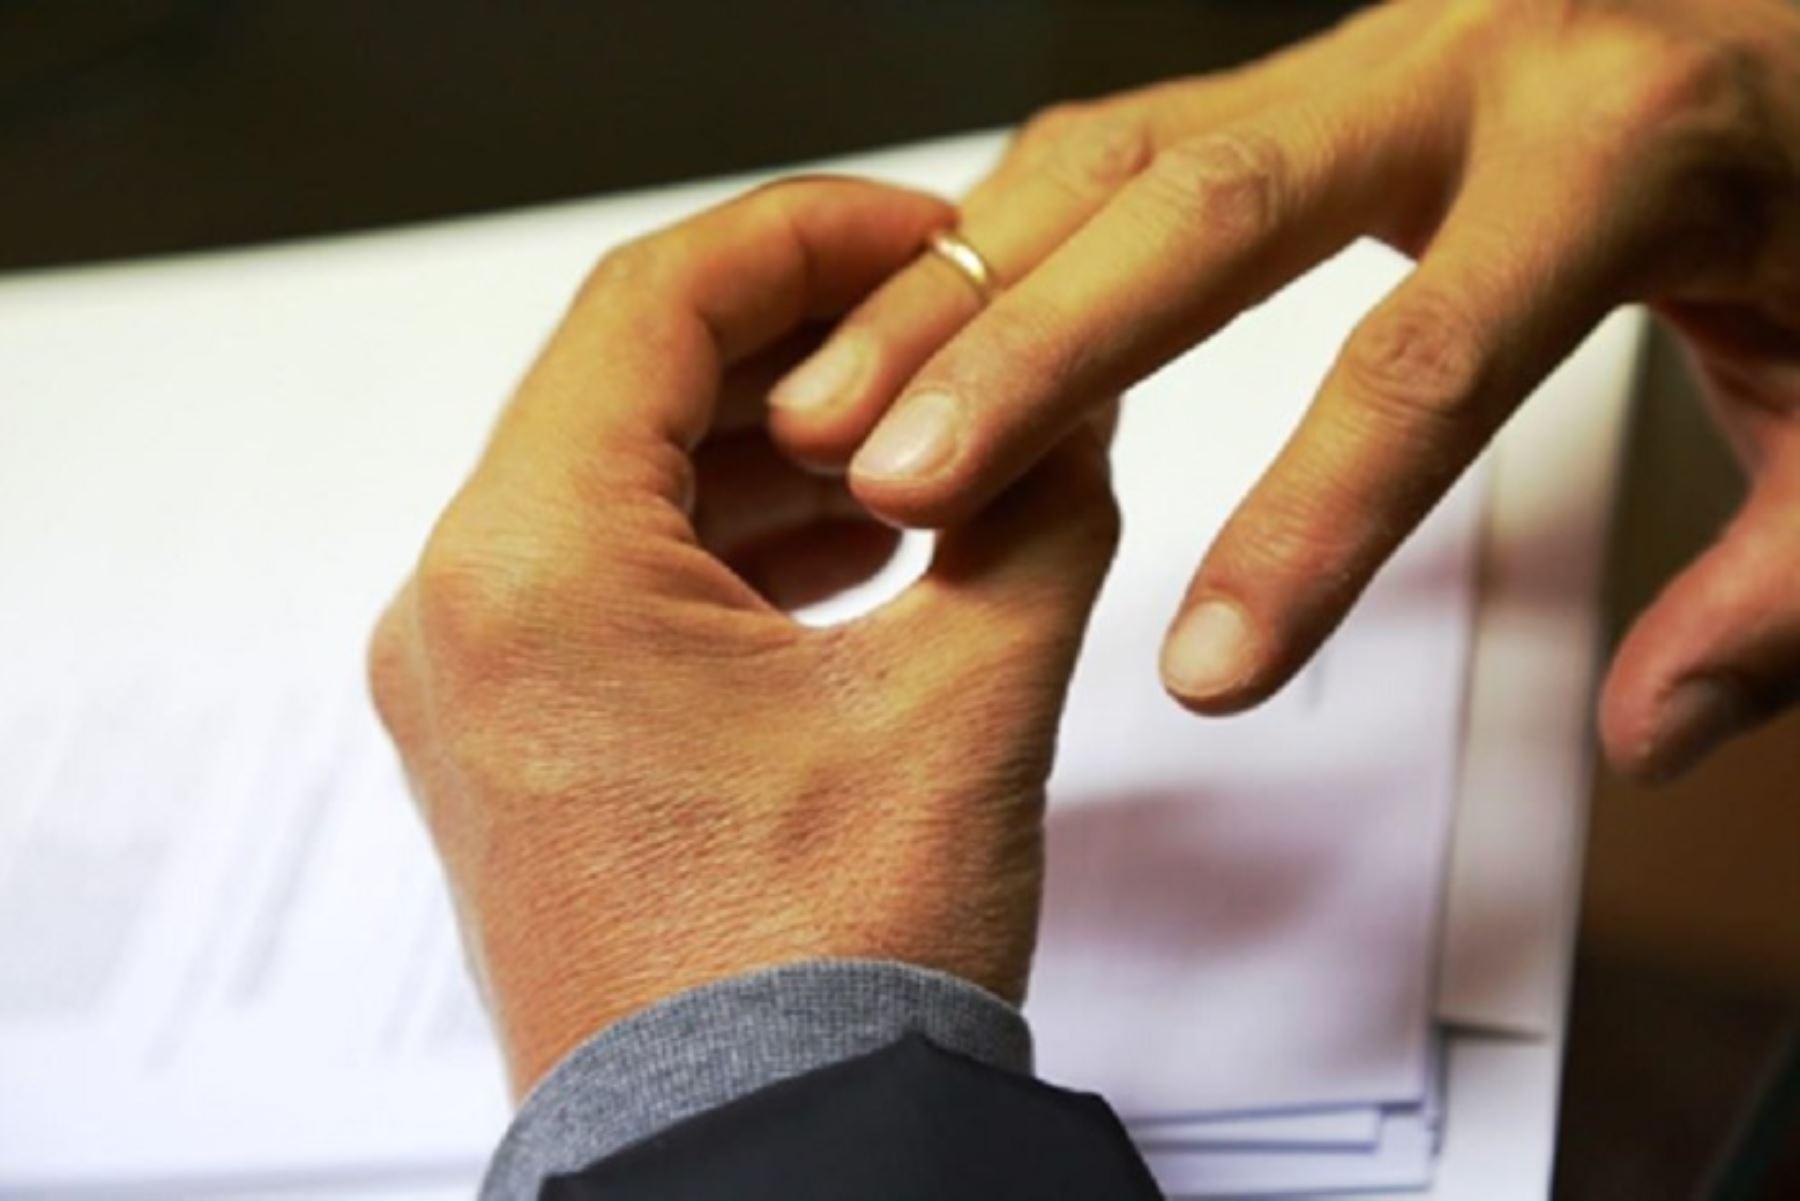 De enero a mayo del presente año la inscripción de divorcios en el Registro de Personas Naturales creció en trece departamentos, respecto del mismo periodo del año 2018, registrándose en estos cinco meses un total de 3,506 divorcios.